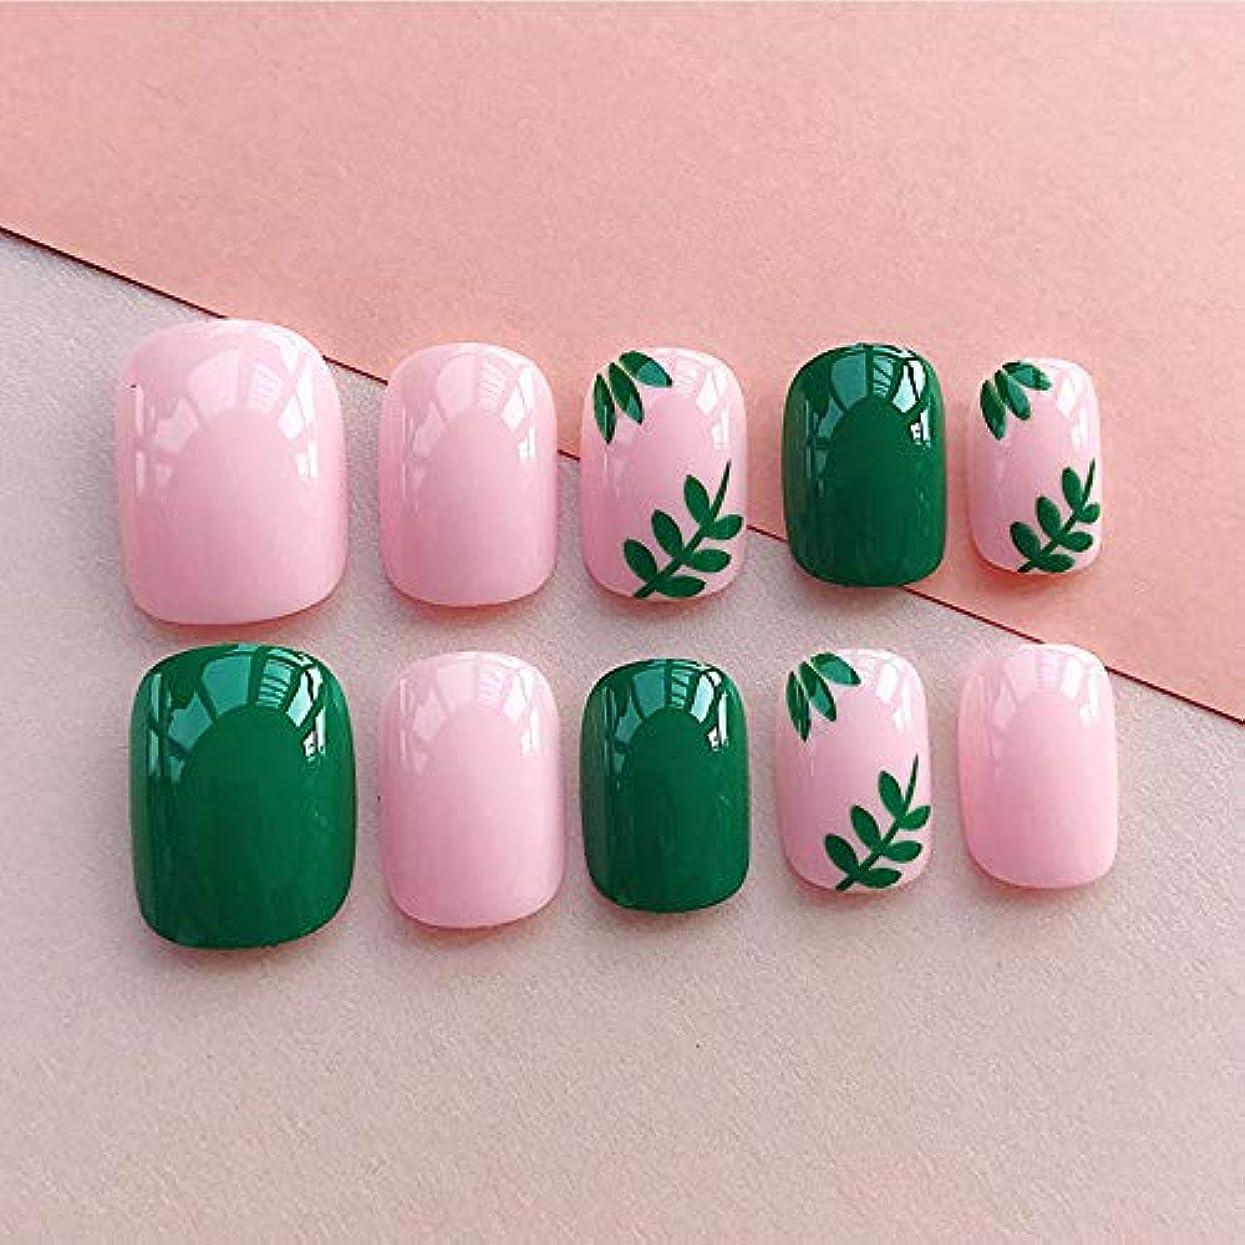 ジャニス木製モンキーネイルチップ 夏の 無地 ピンク 緑の葉 優雅 短い 四角形 フルカバー 24枚 12別サイズ つ